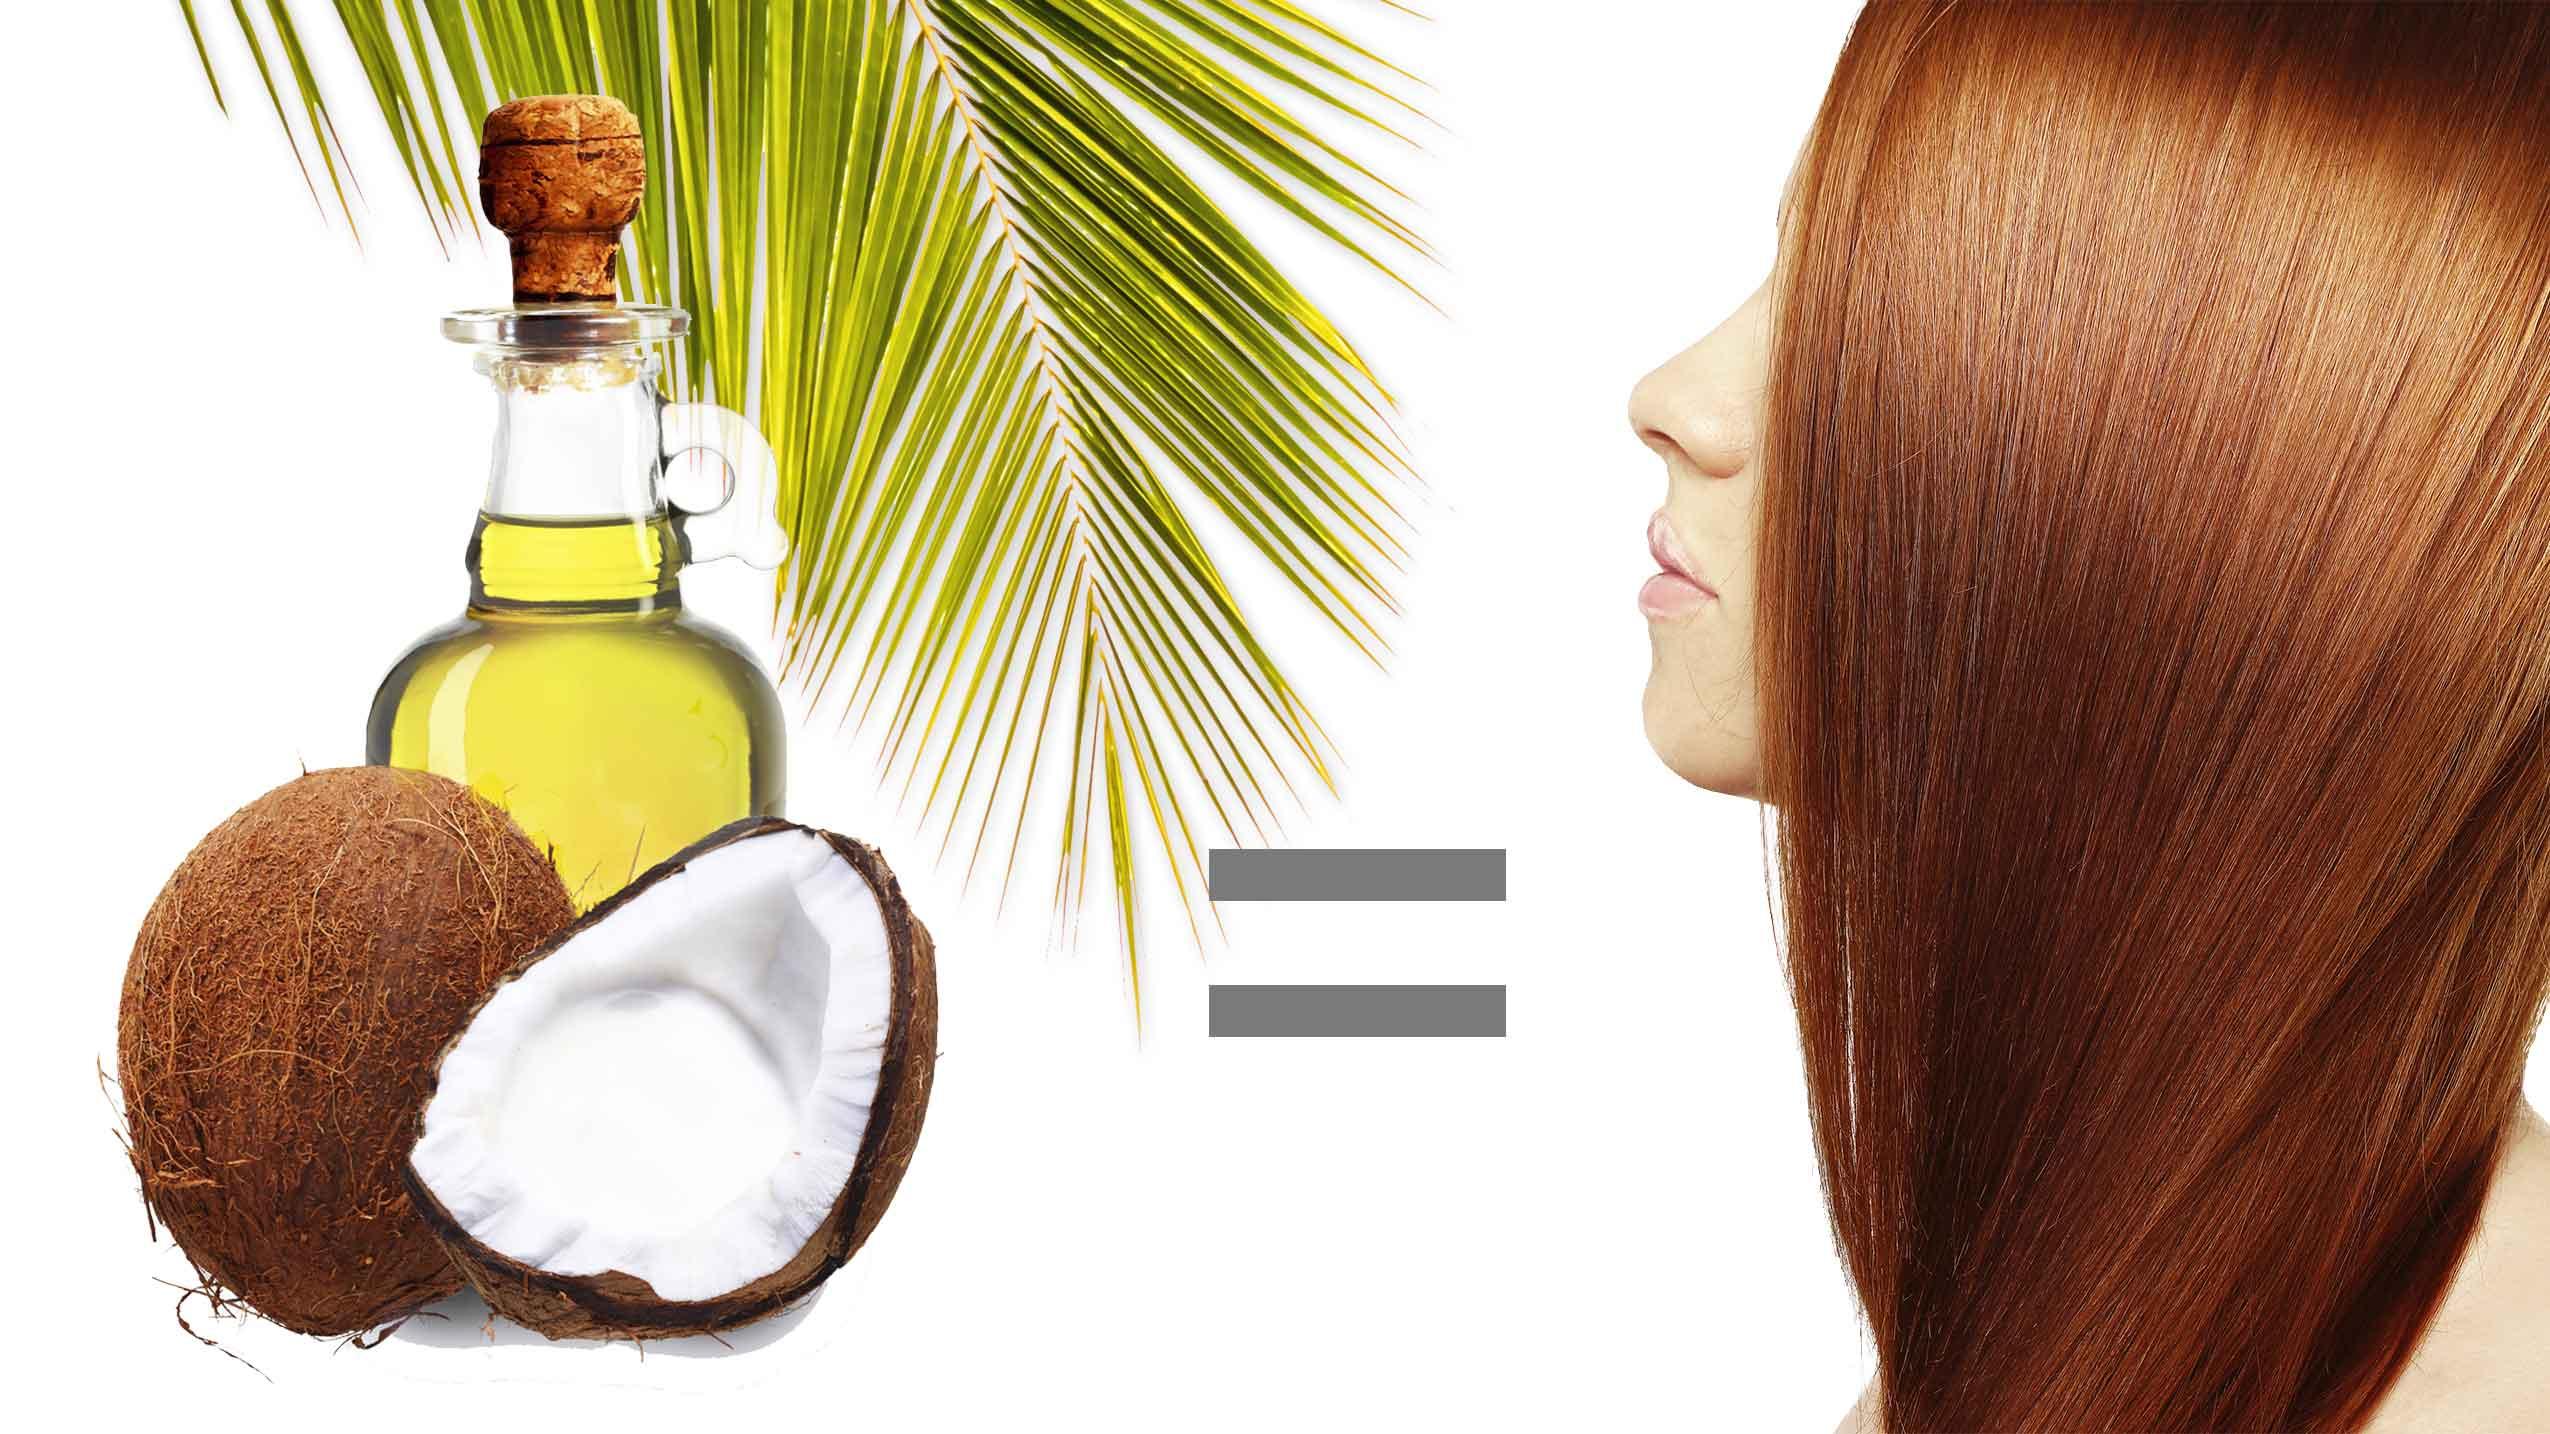 Картинки по запросу Применение кокосового масла для волос